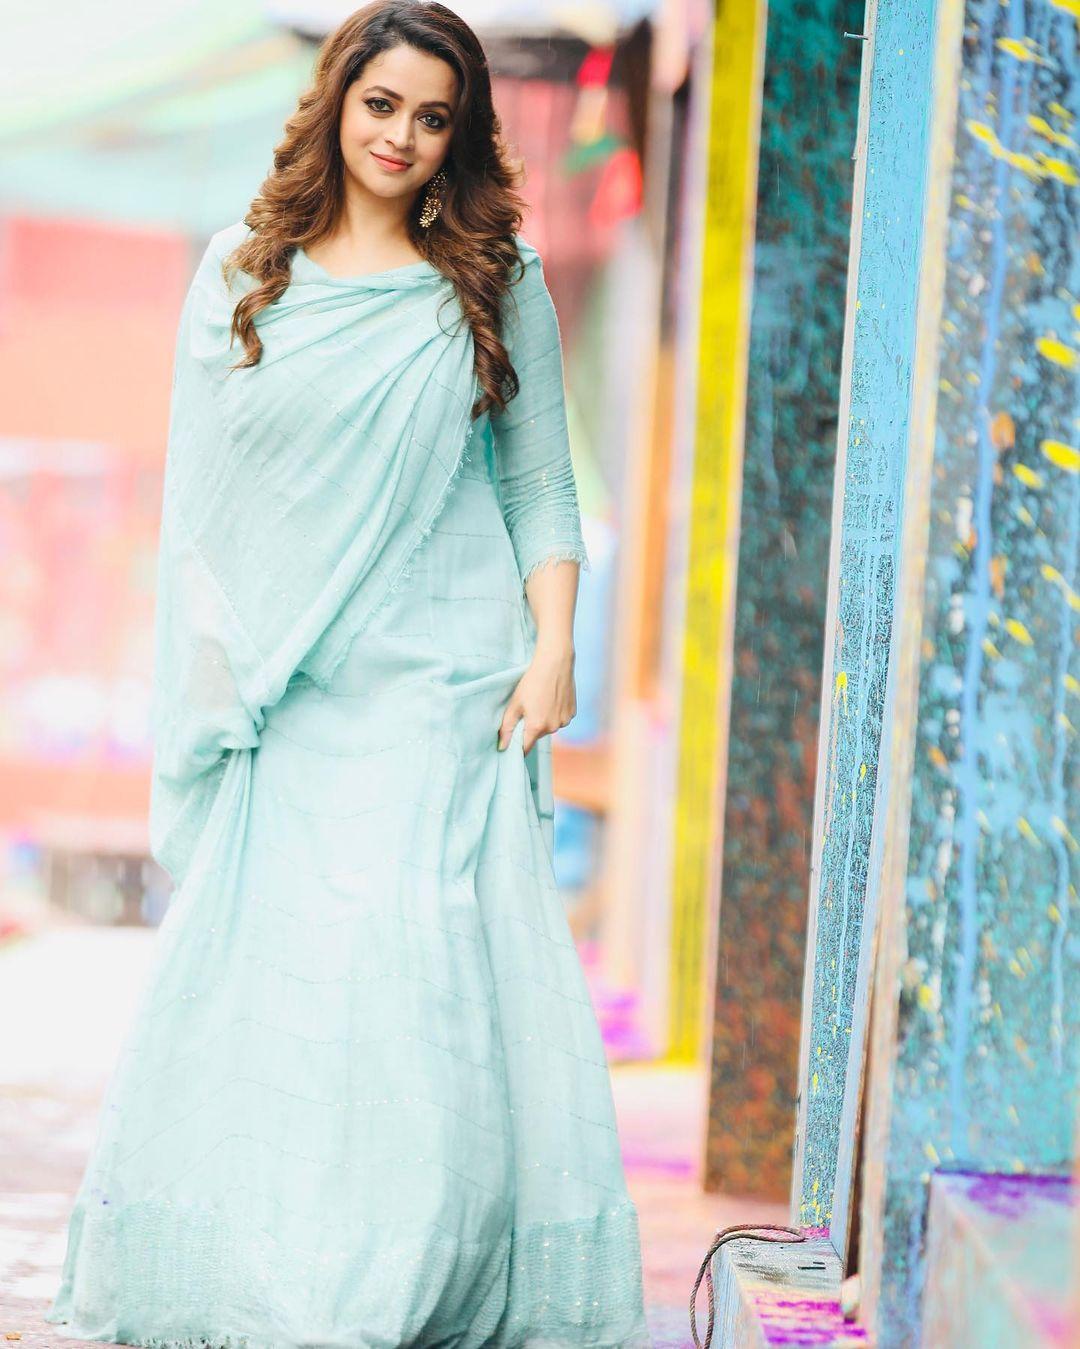 நடிகை பாவனா ( Image : Instagram @bhavzmenon)